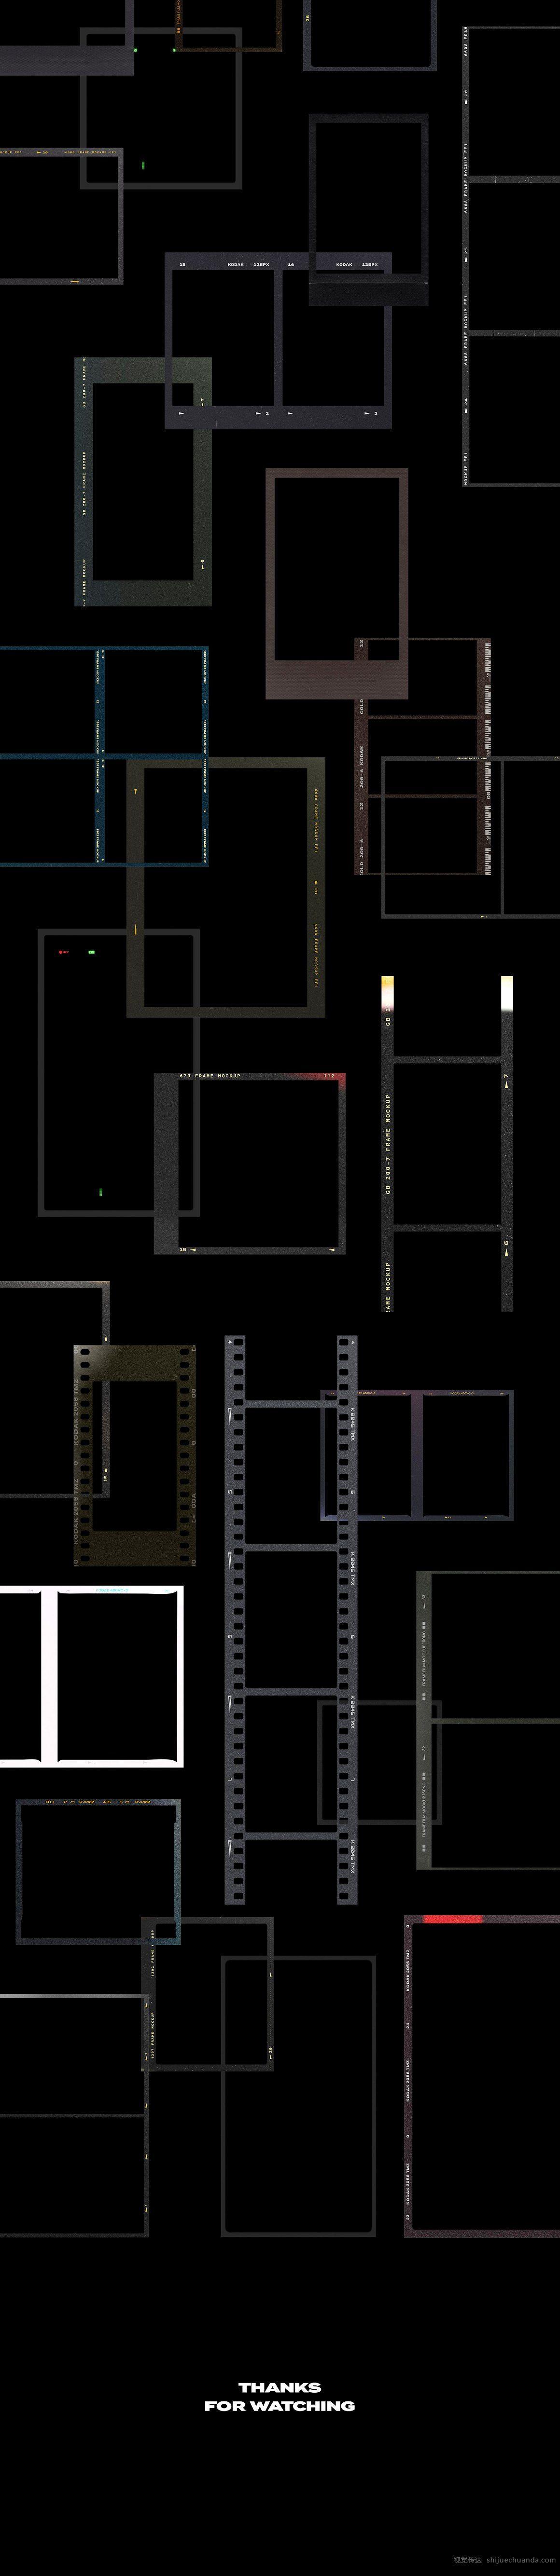 电影片段样机模板包